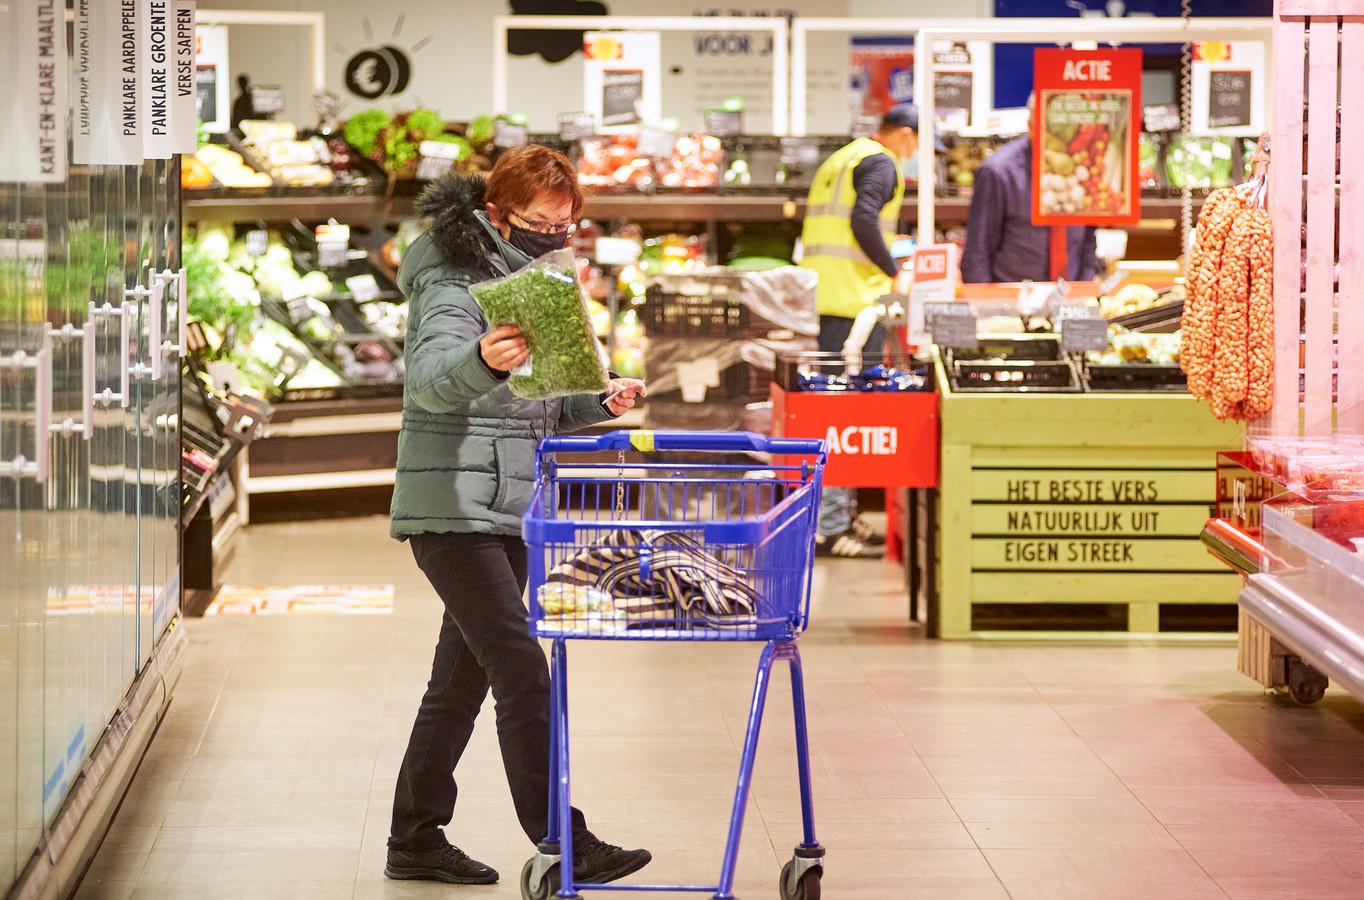 Ouderenuurtje in de supermarkt Jan Linders aan de Boekt in Veghel.